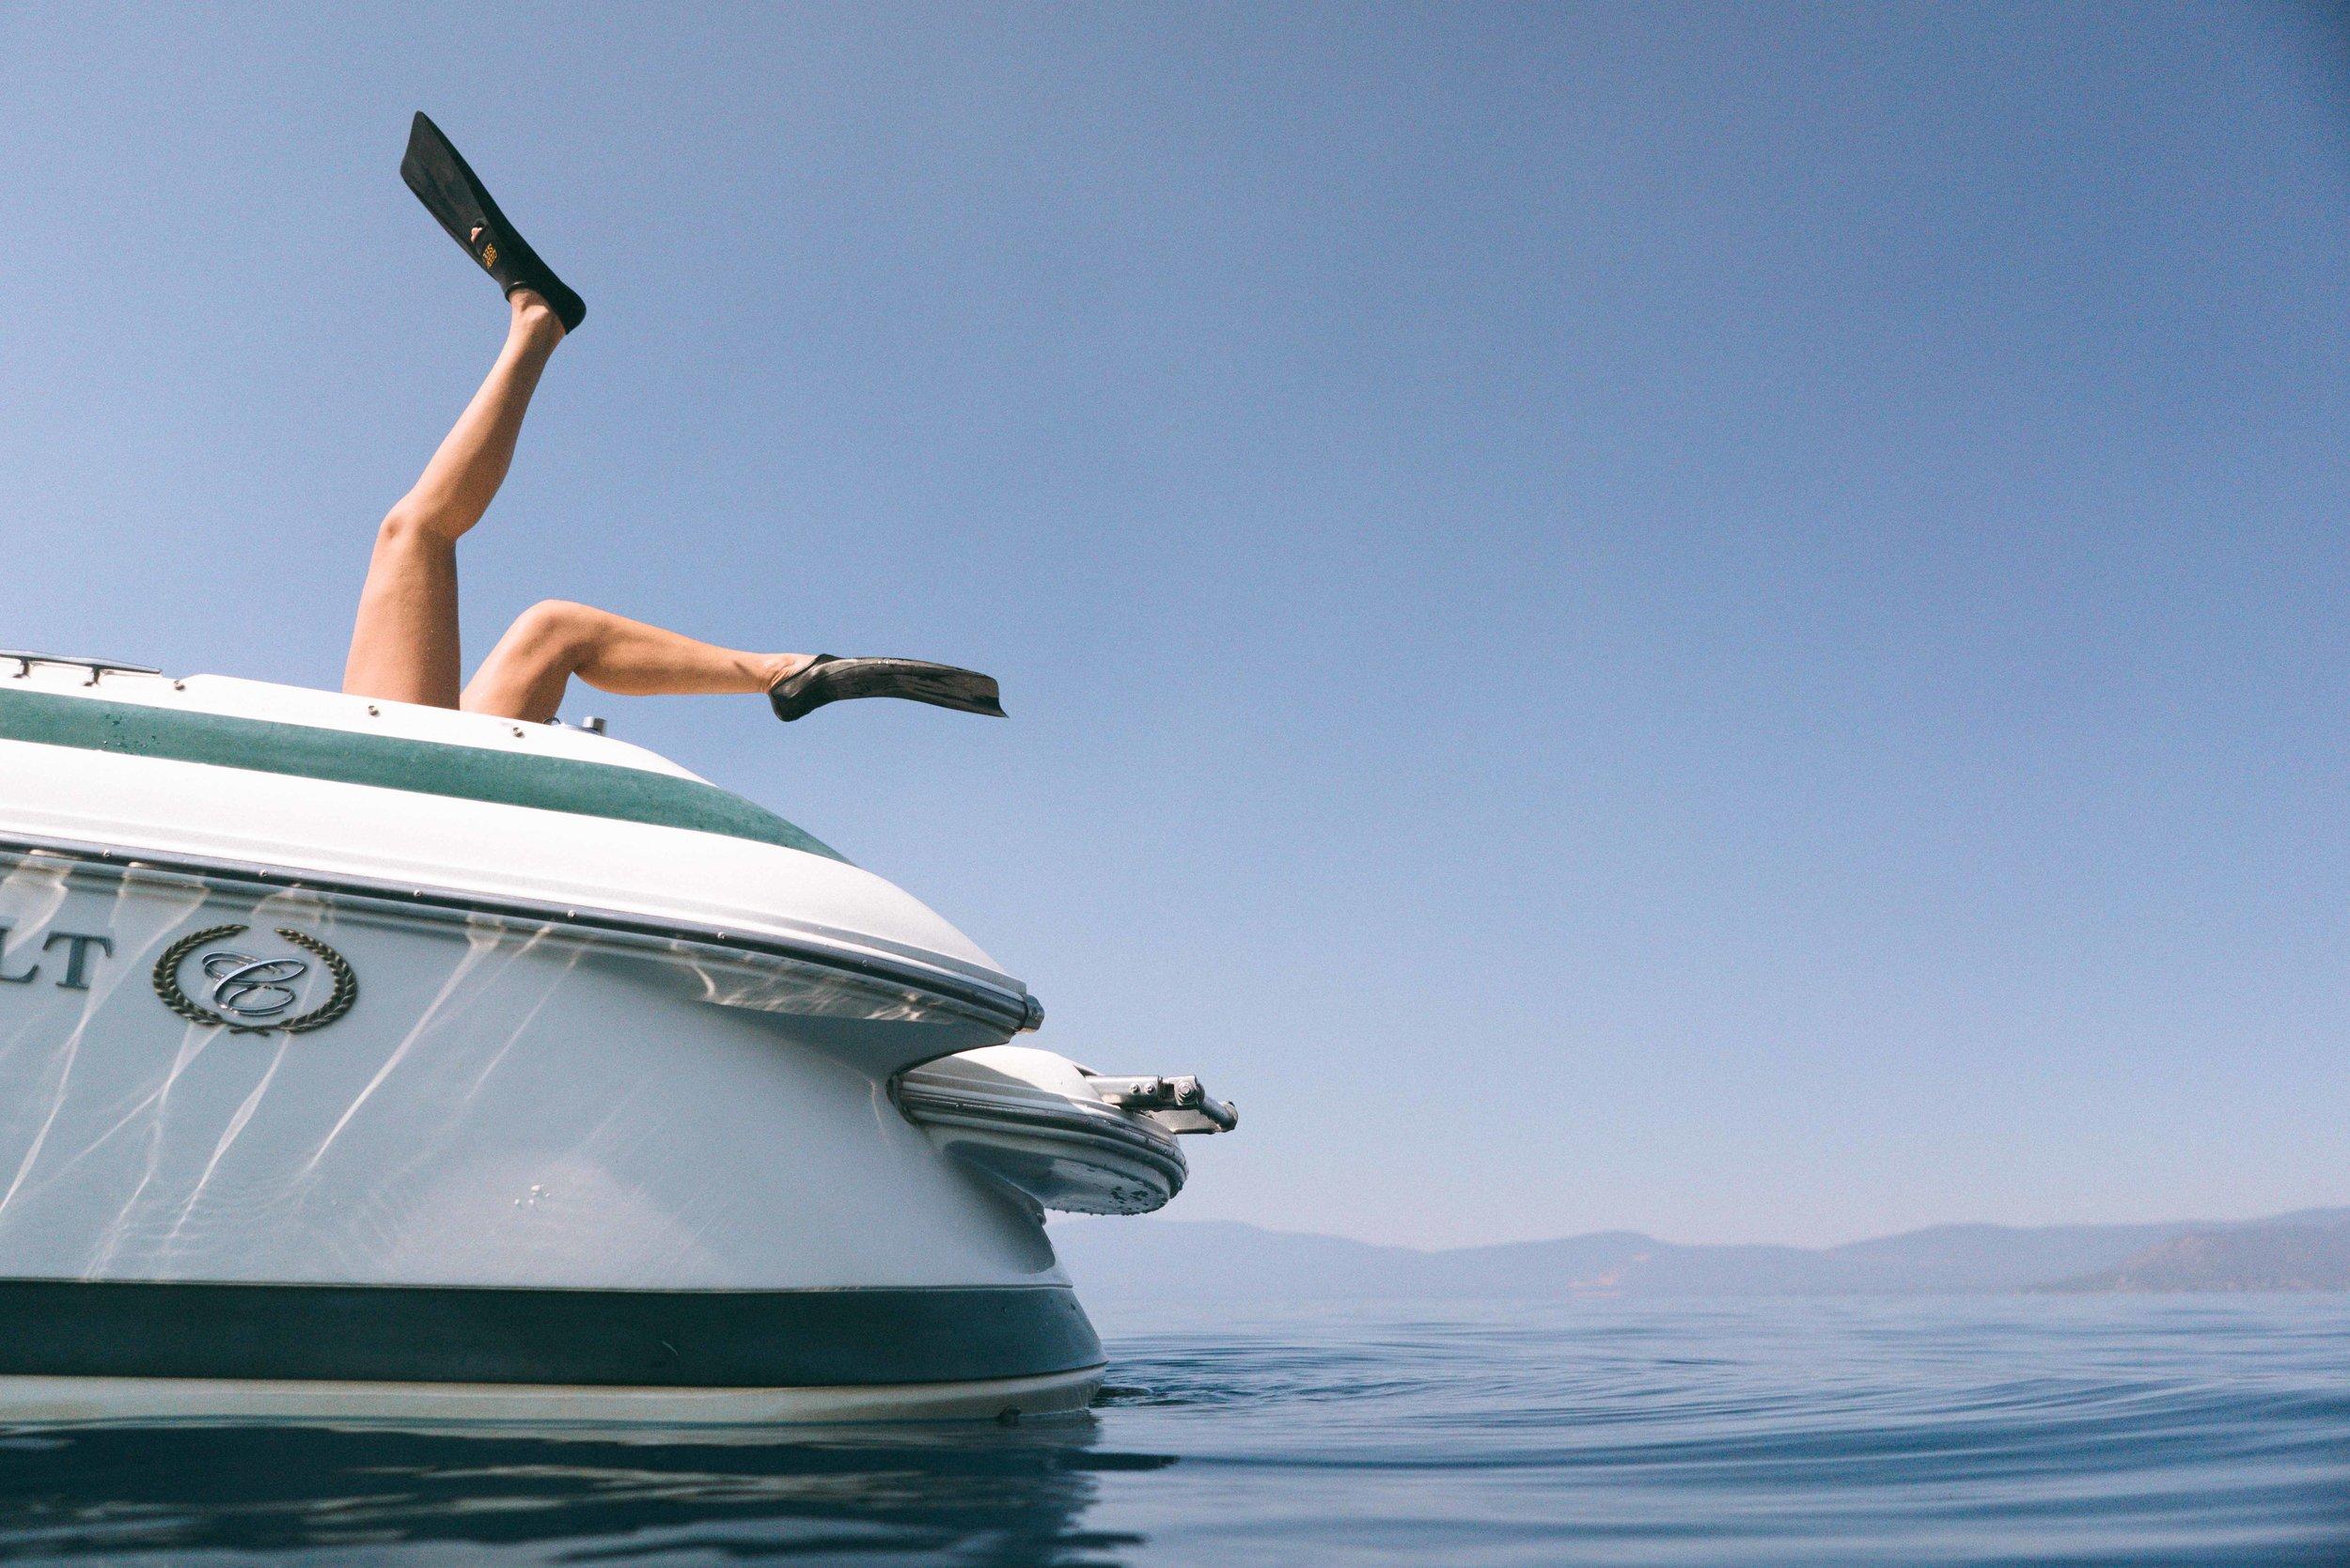 tahoe boat austyn-3-2.jpg